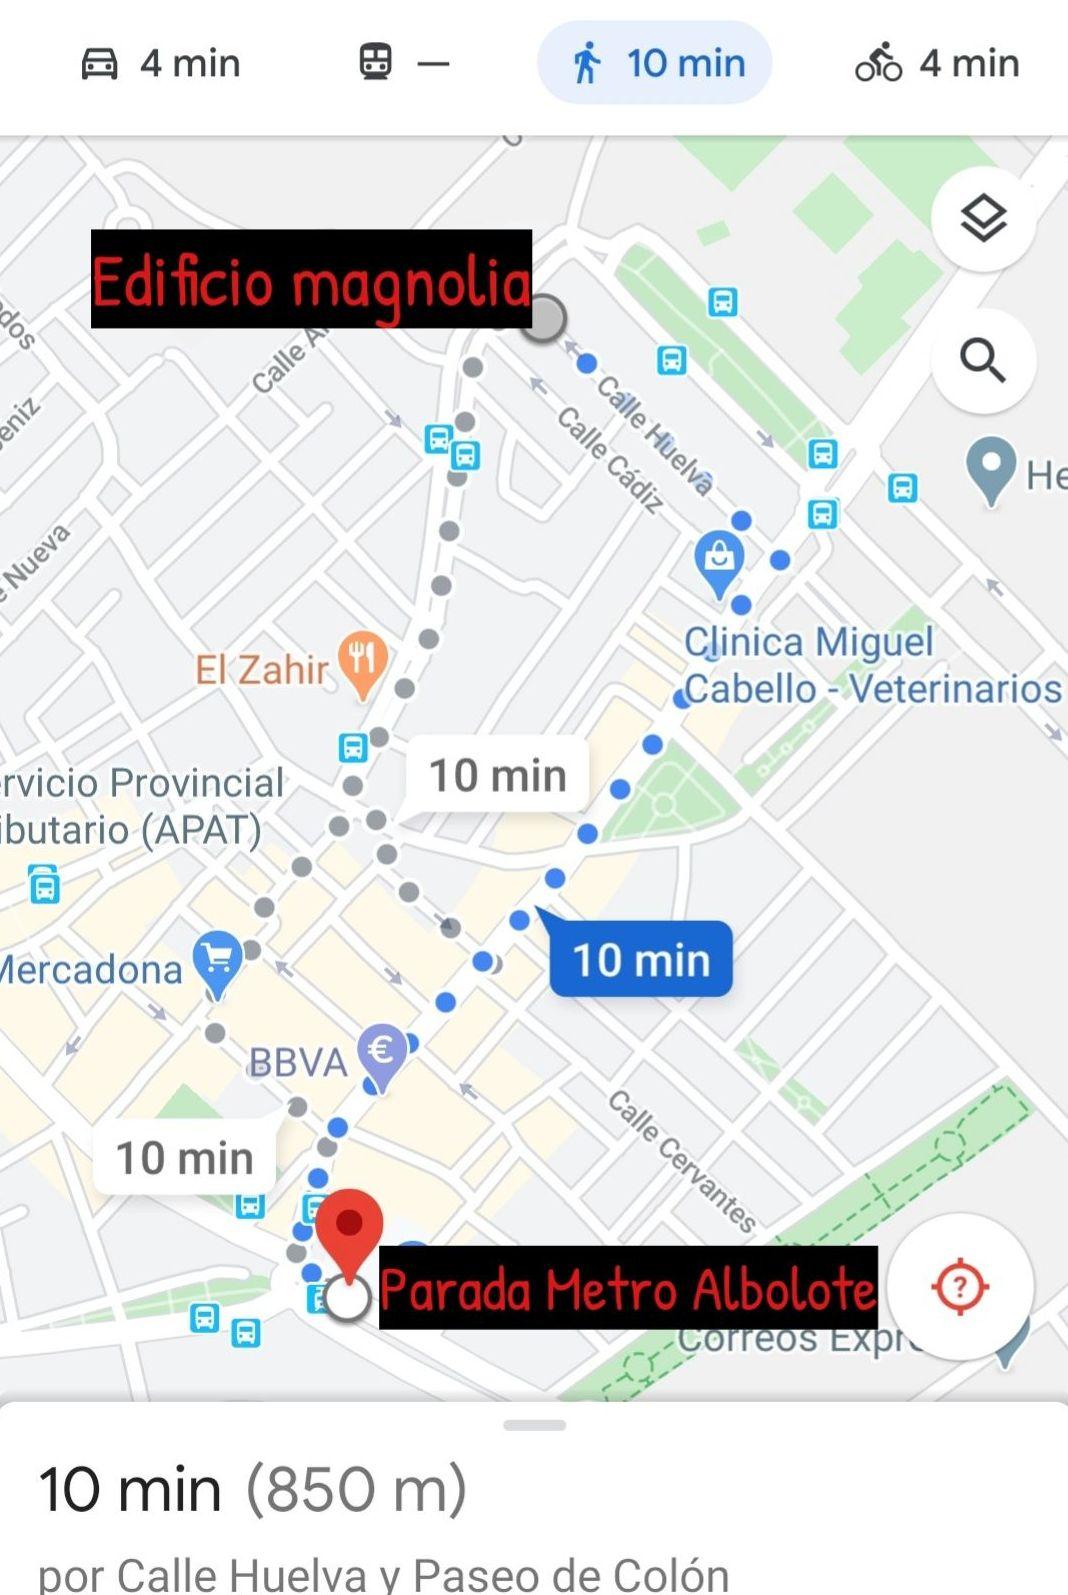 Distancia desde el Edificio Magnolia a parada de metro de Albolote (10 minutos a pie)